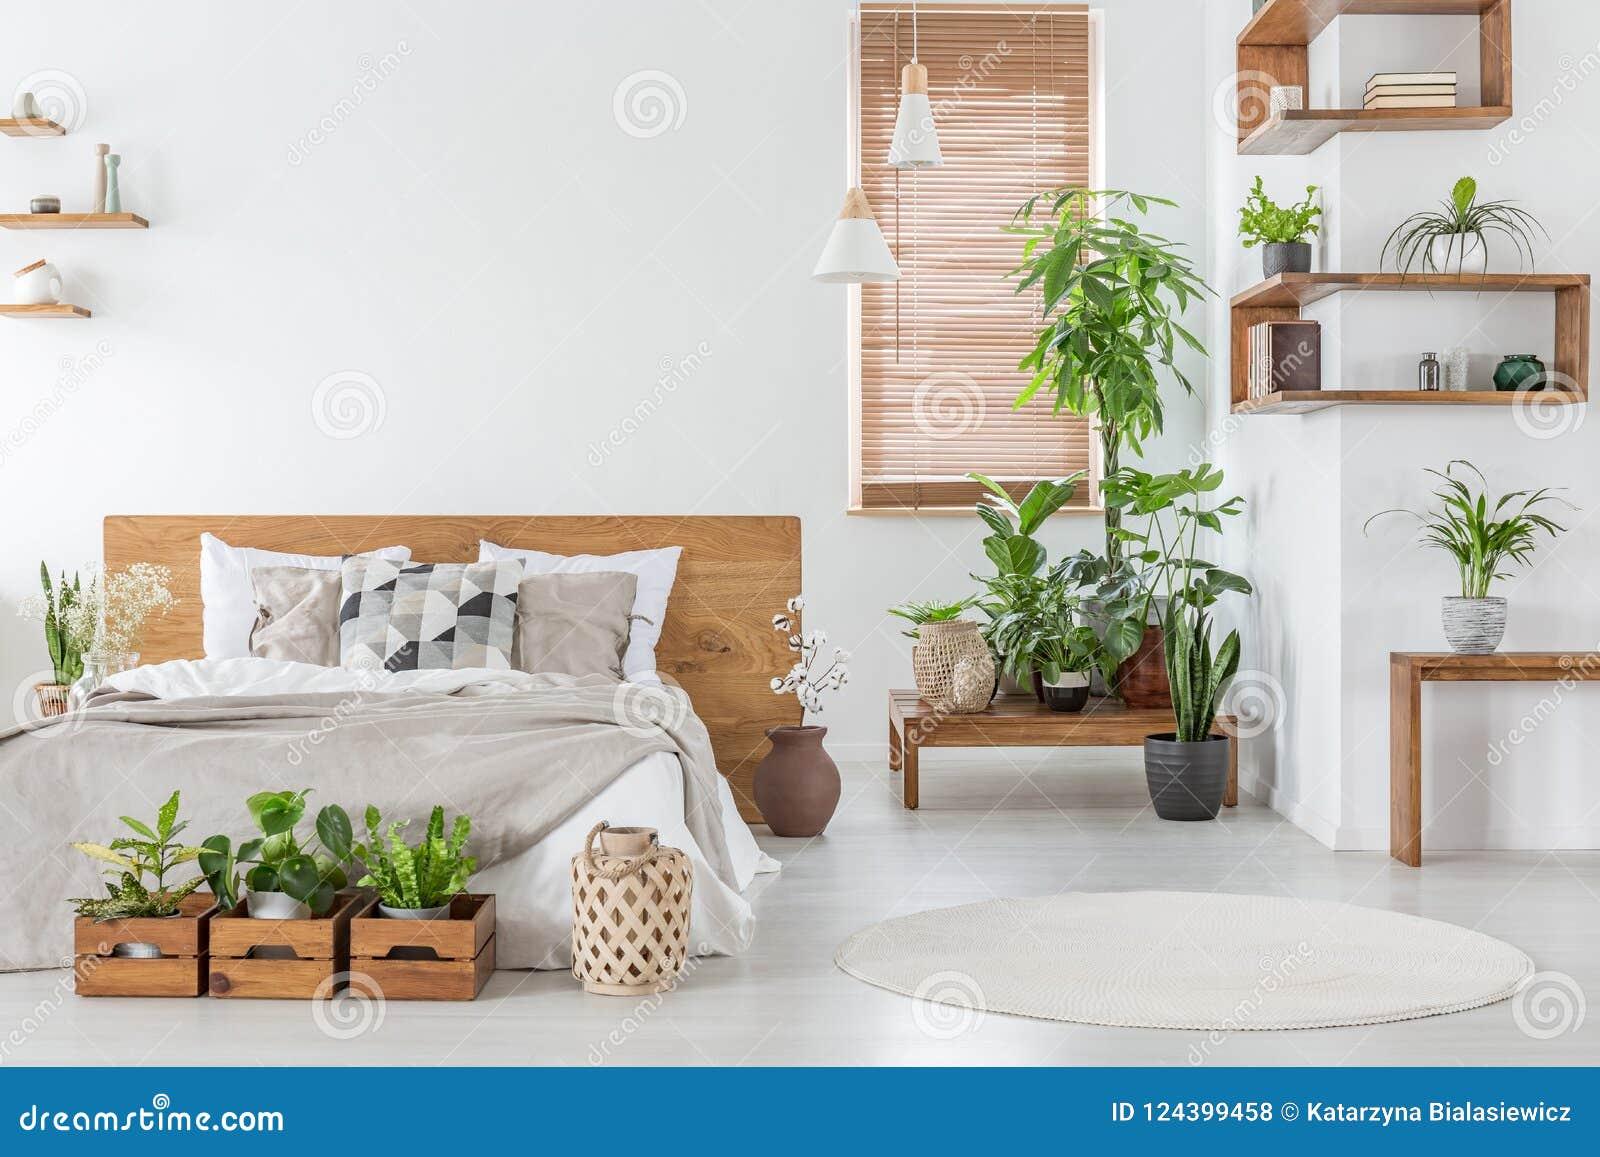 Foto reale di un interno botanico della camera da letto con gli scaffali di legno,